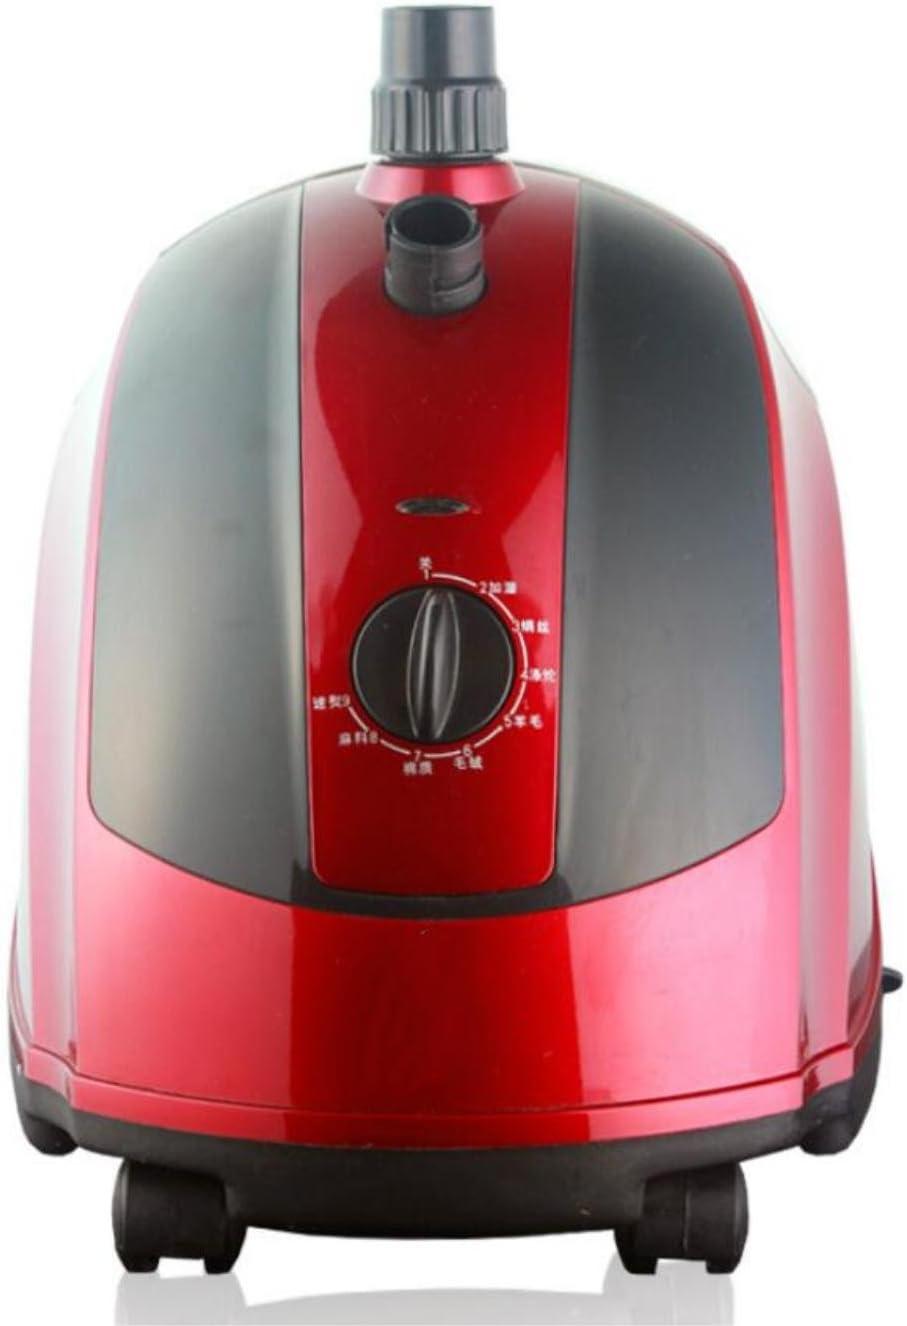 Plancha multifunción de vapor máquina plancha de caliente máquina plancha plancha eléctrica a la vertical